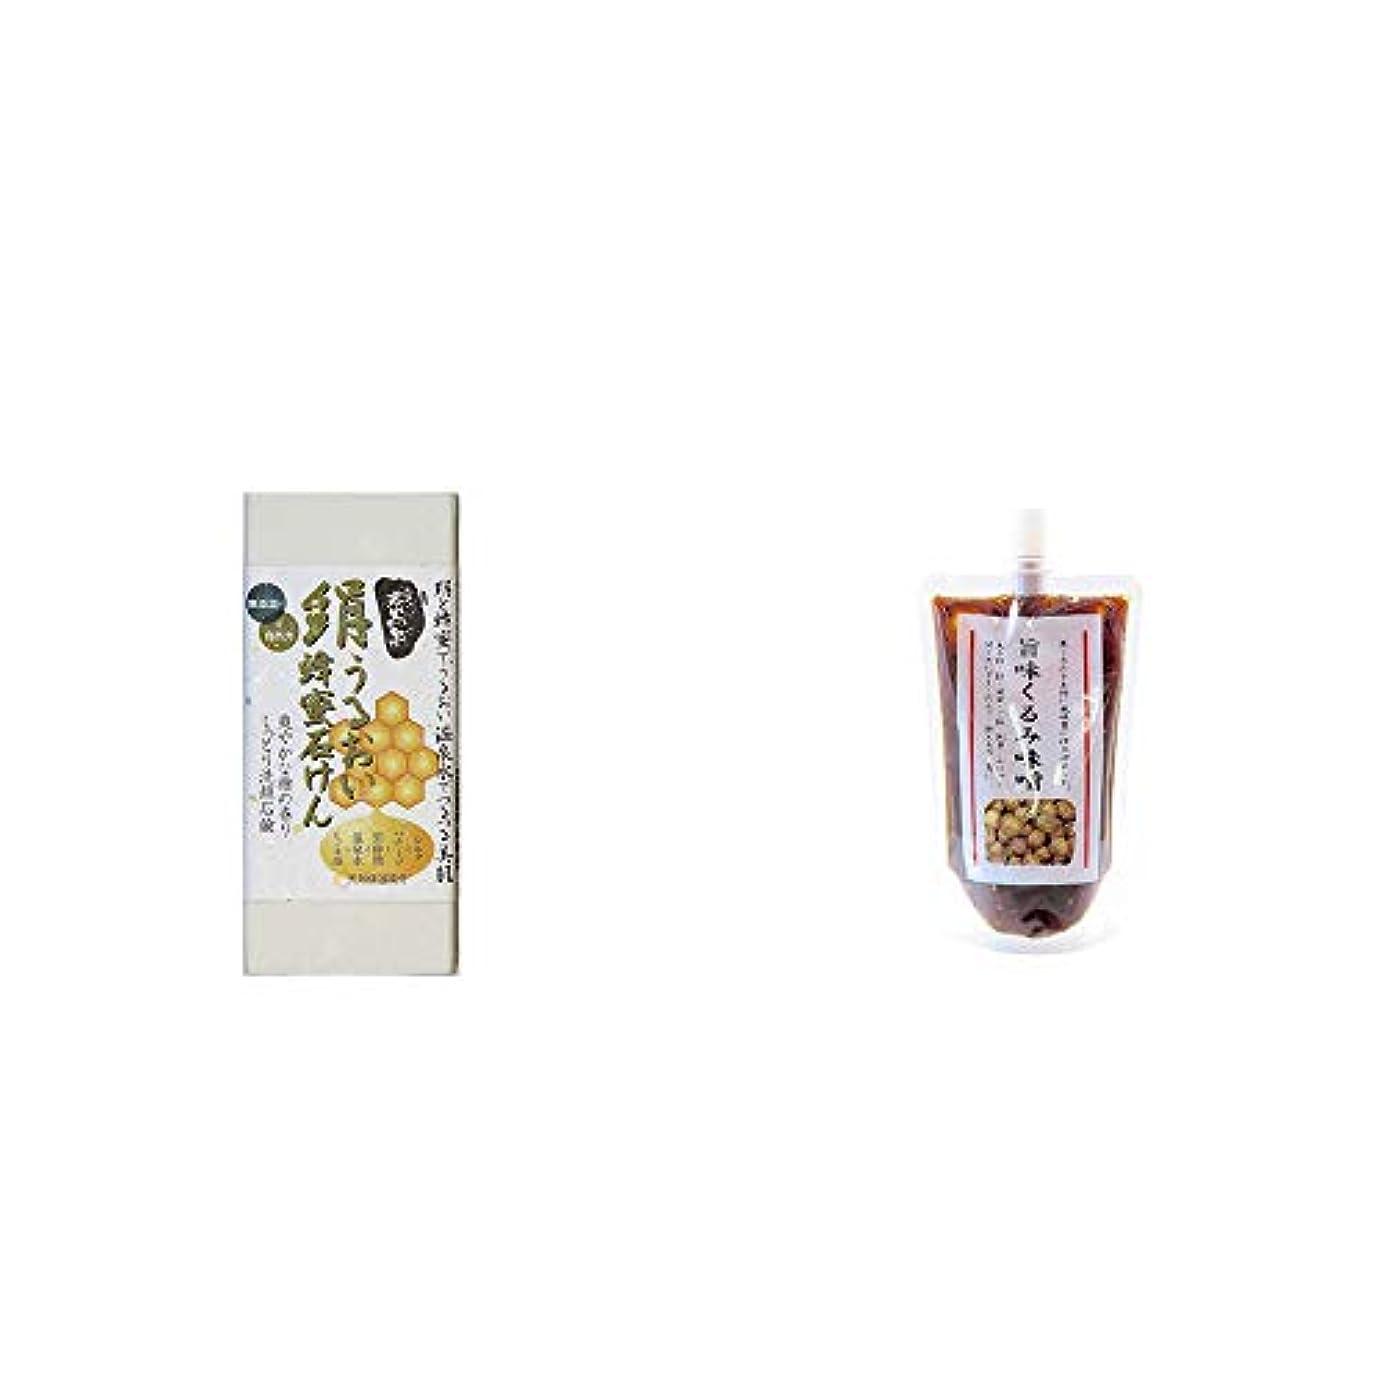 地図楽しむ知覚する[2点セット] ひのき炭黒泉 絹うるおい蜂蜜石けん(75g×2)?旨味くるみ味噌(260g)